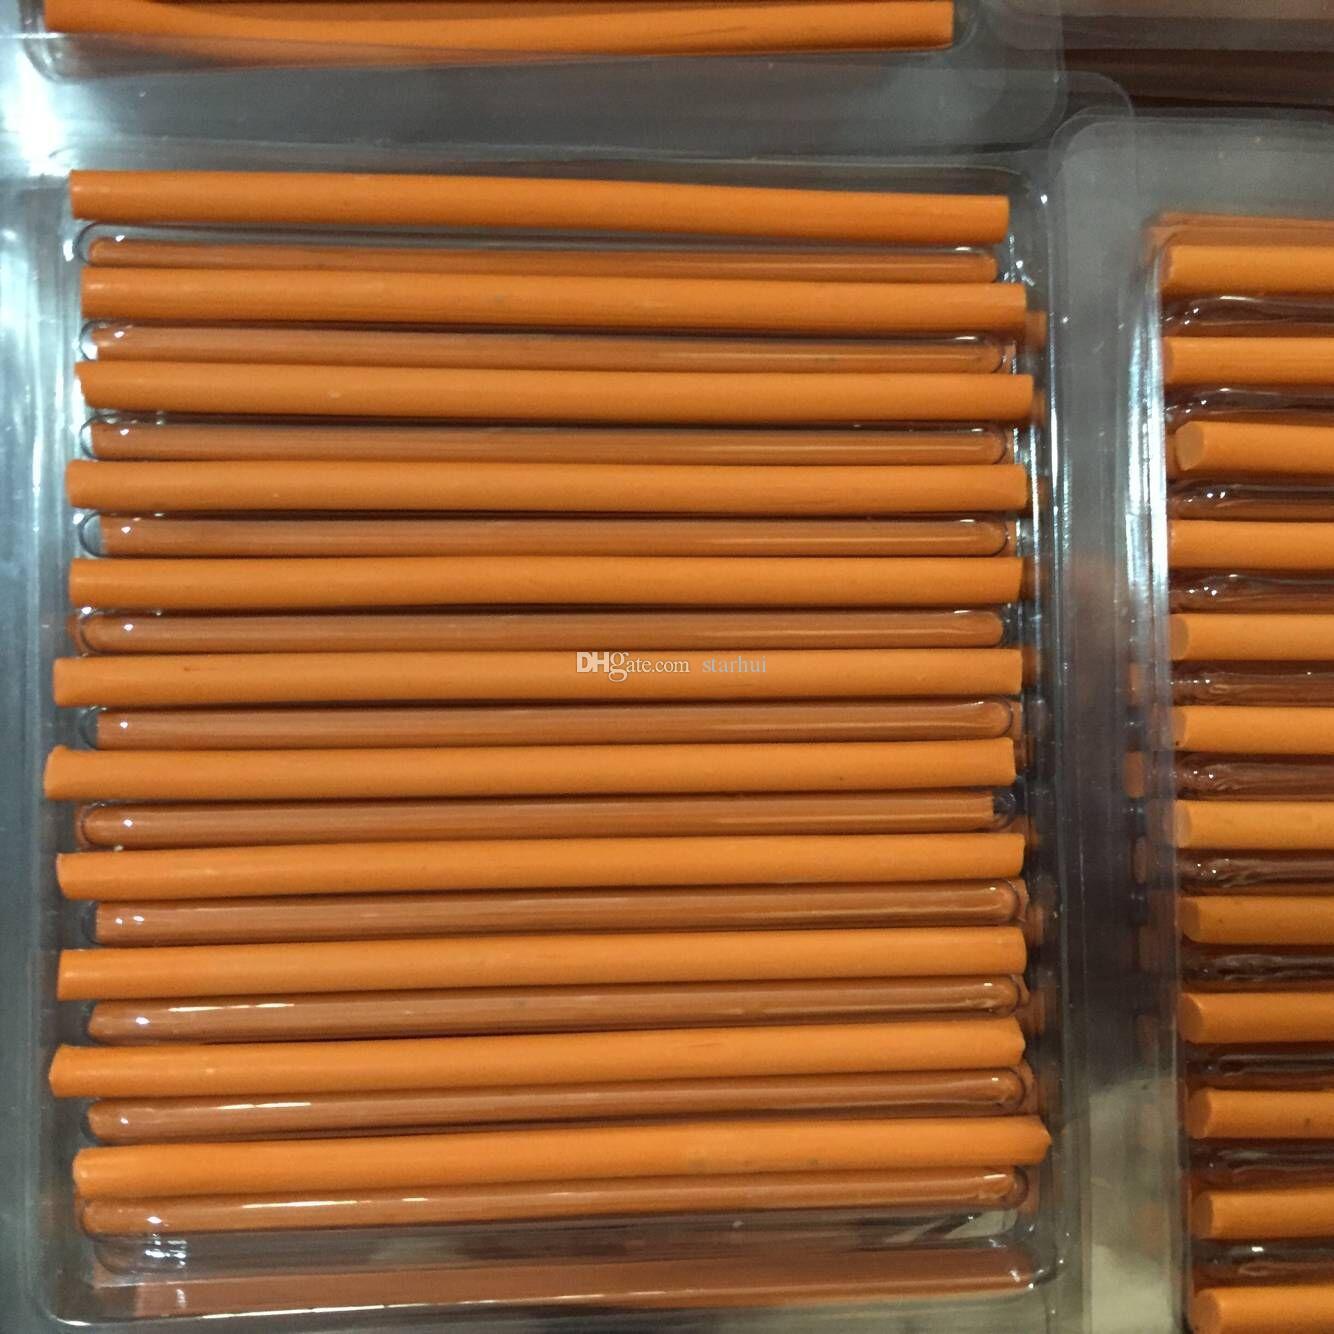 Nouveau Sani Stick Conduit Baignoire Égout Décontamination Bâtons Nettoyage Gardez Vos Tuyaux De Drain Toilettes Baignoire Drain Nettoyeur Égout Tige WX-C08